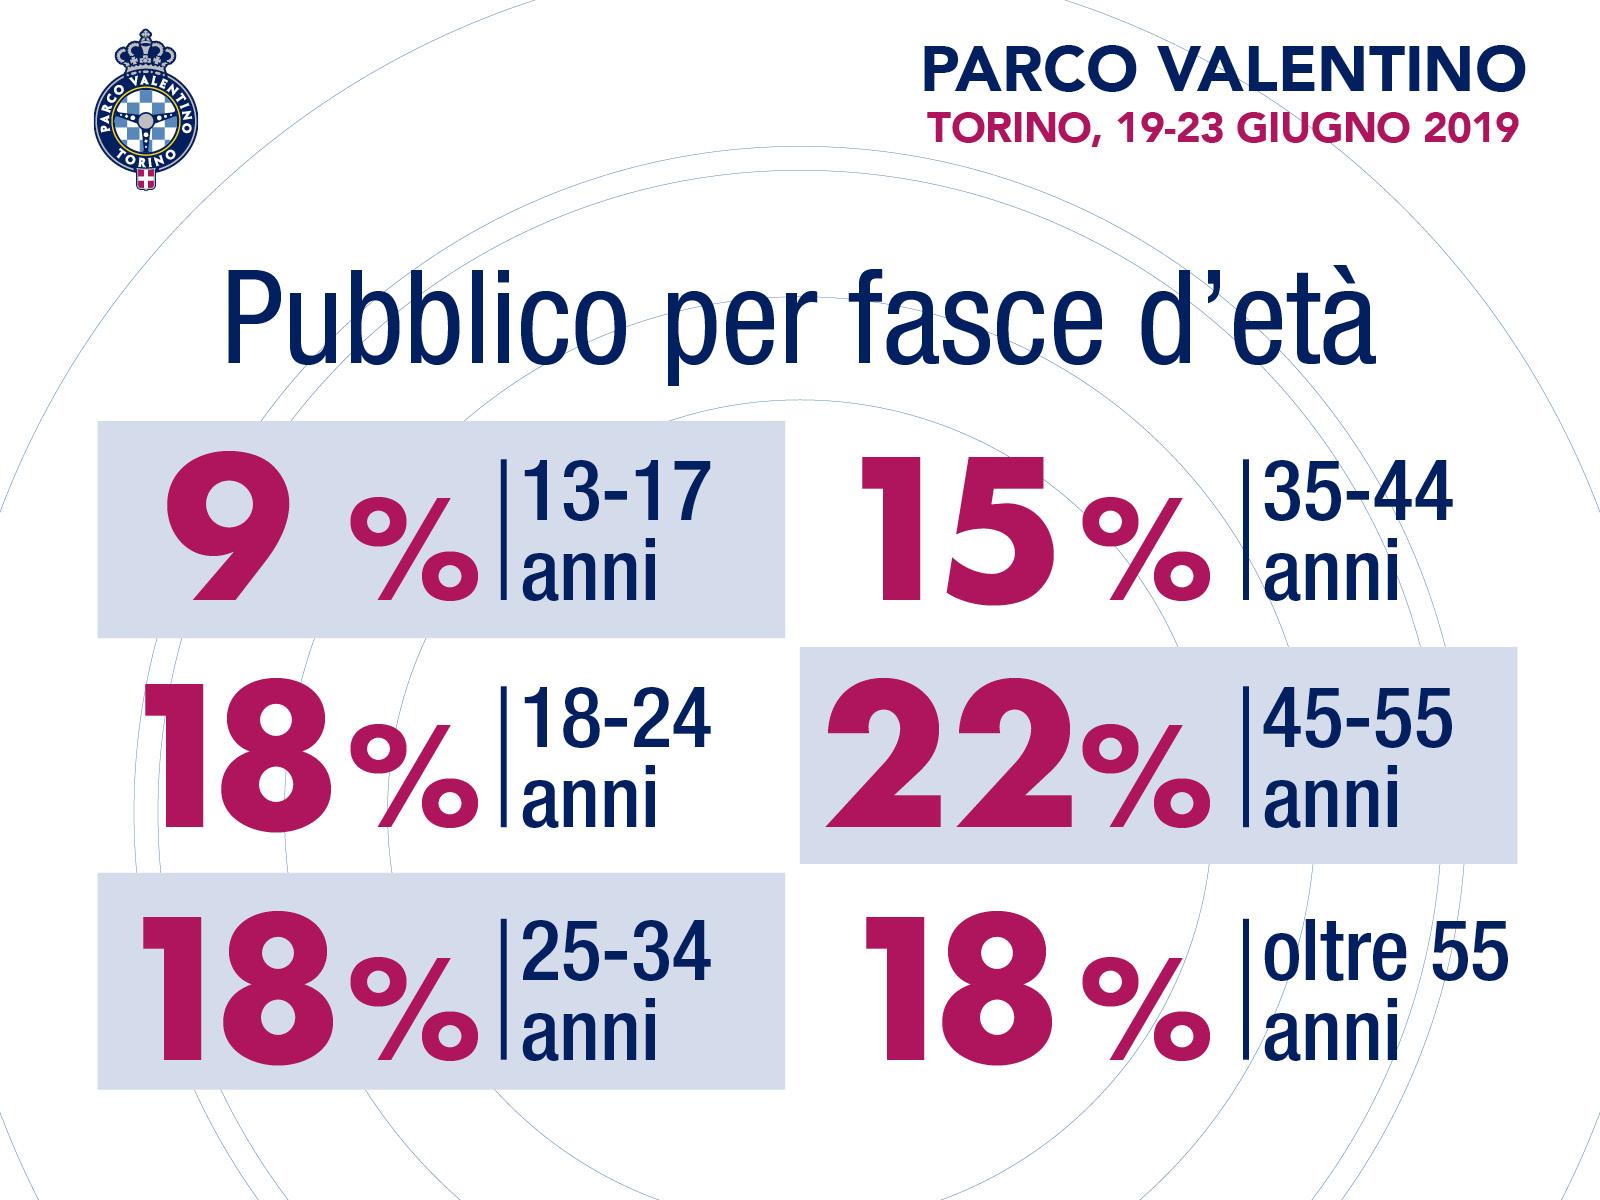 Parco Valentino, ecco le novità della 5a Edizione a Torino